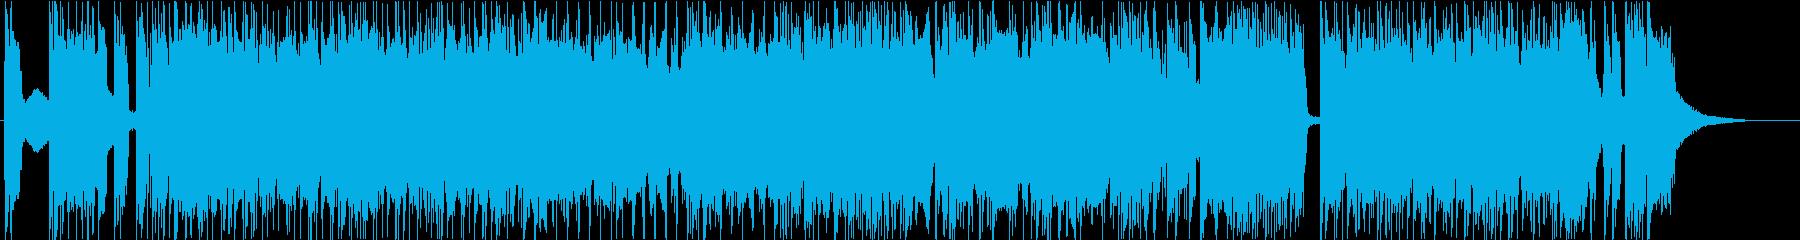 ダウンチューニングしたヘヴィ・ロックの再生済みの波形